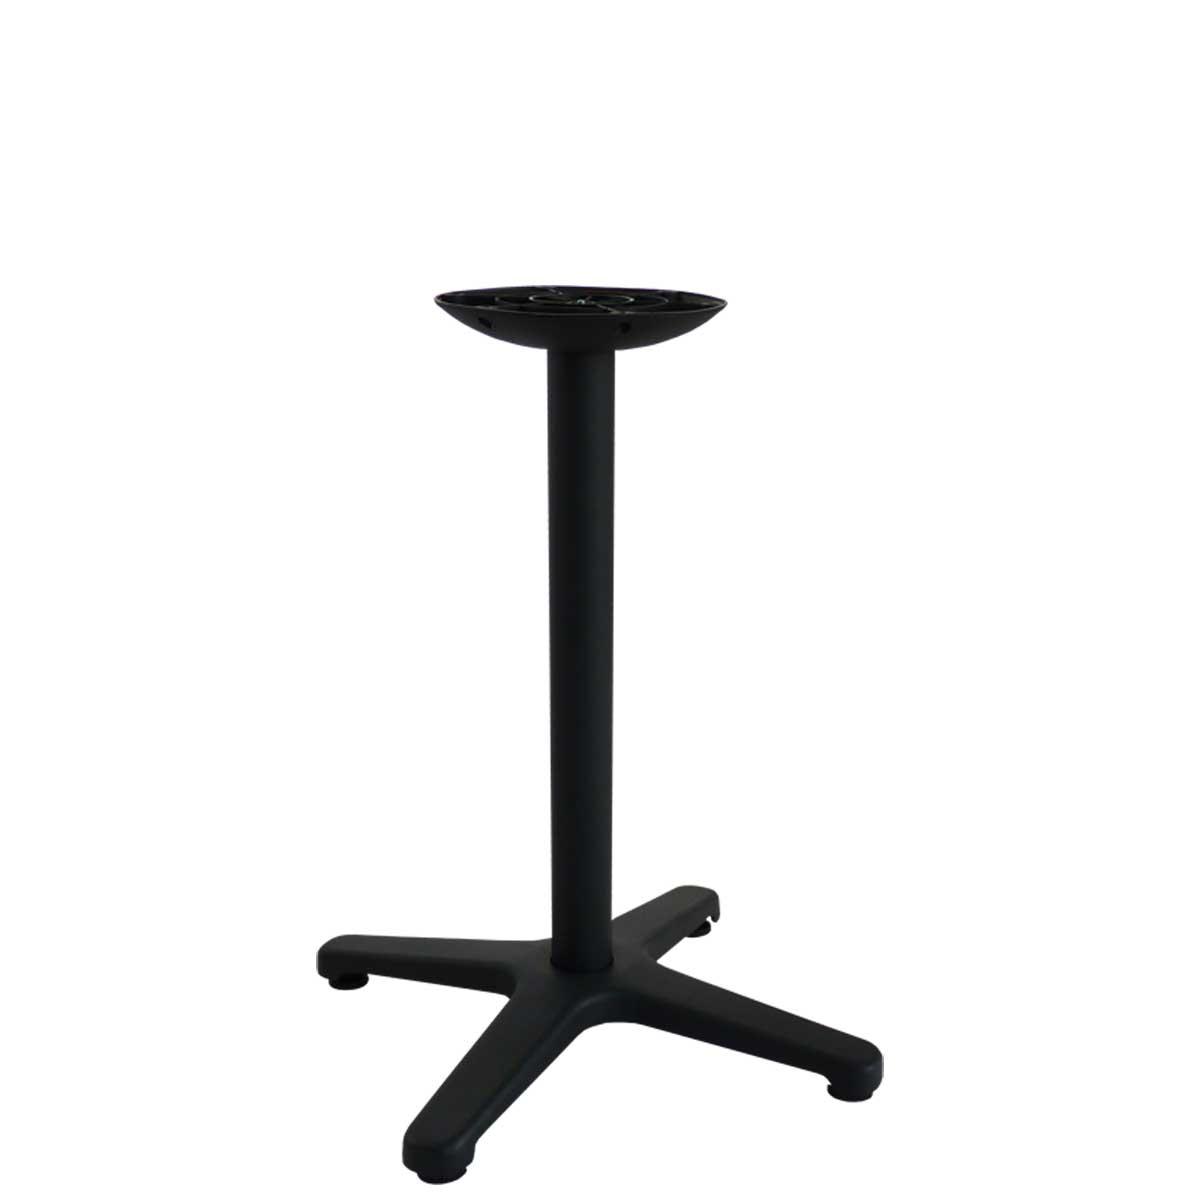 tya 4 noir - https://www.werzalit.com/en/product/tya-4/